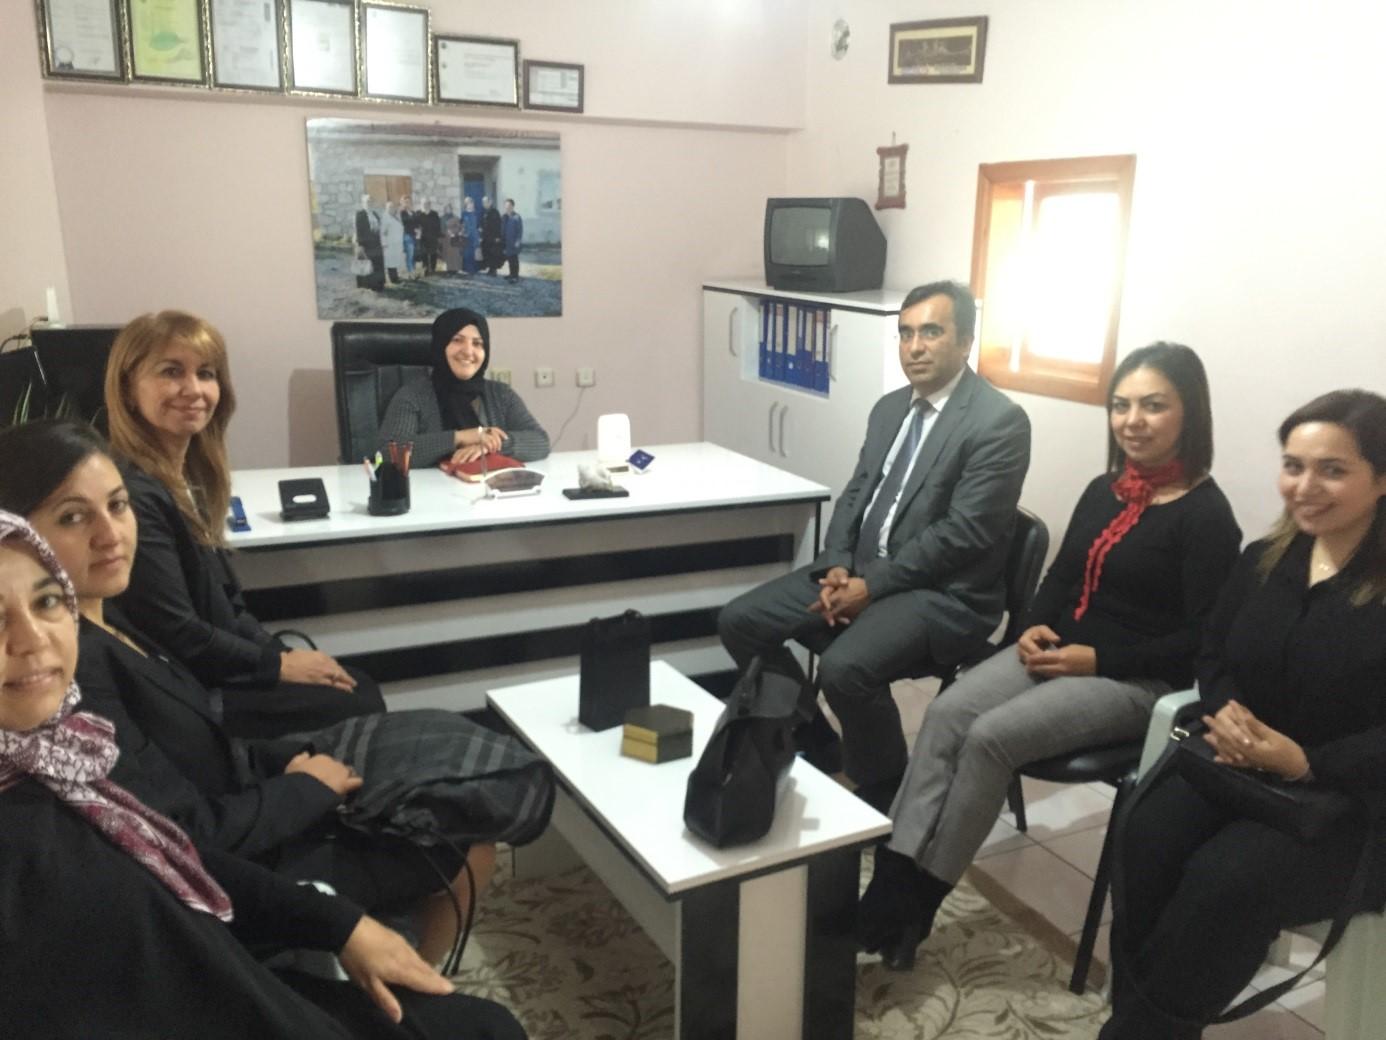 Hükam'dan Sungurlu Kadın Girişimi Üretim ve İşletme Kooperatif'ine Tebrik Ziyareti